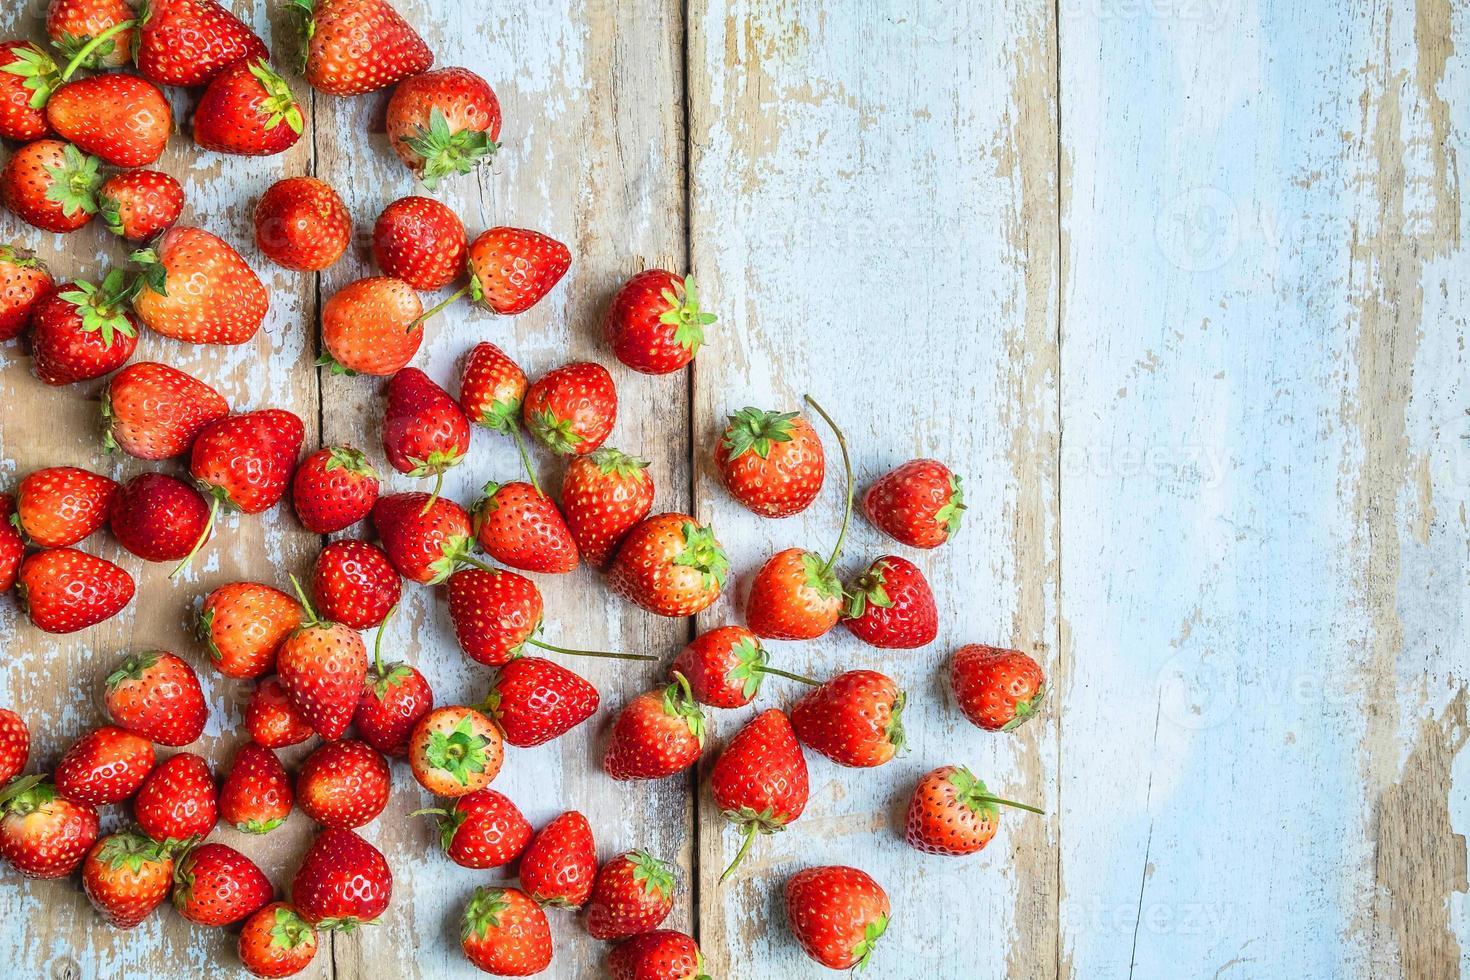 bouquet de fraises sur une table photo